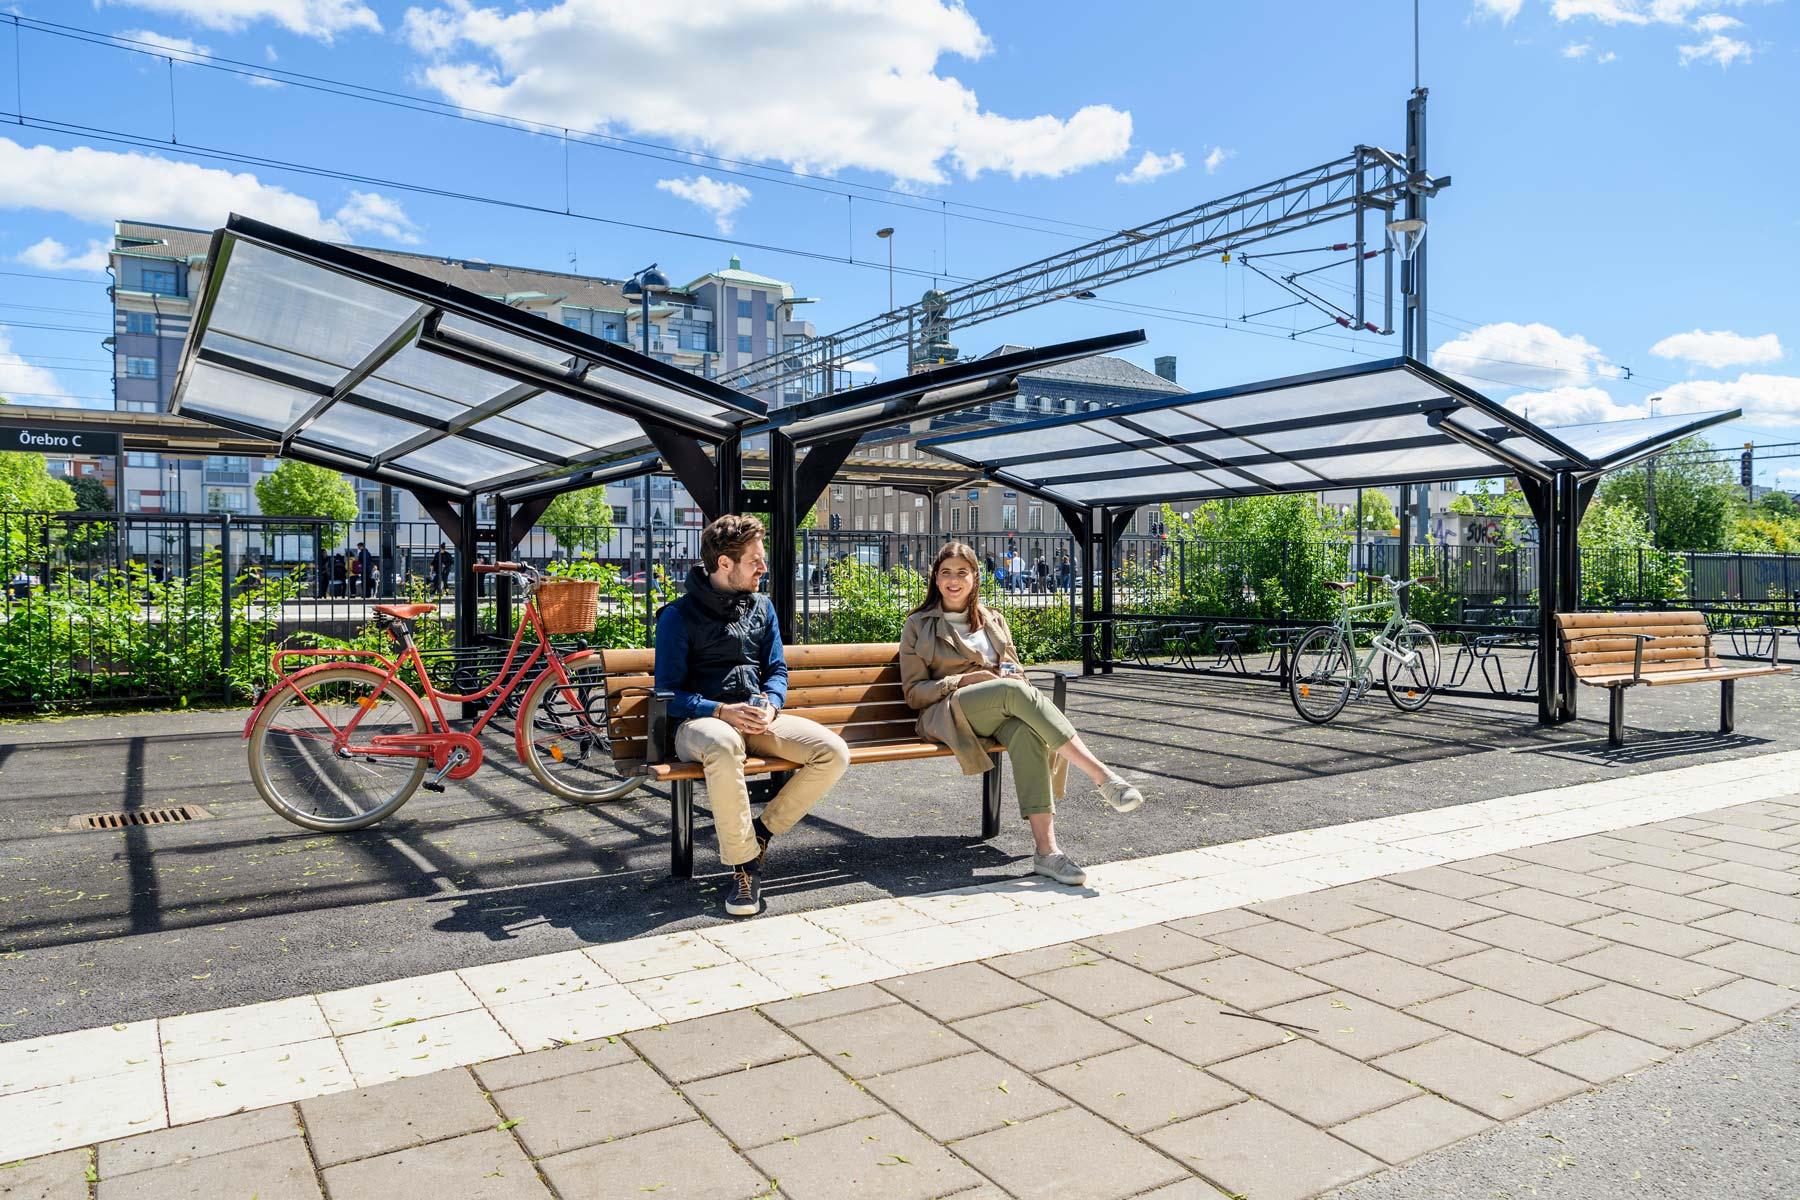 Kaksipuolinen pyöräkatos penkeillä, mies ja nainen istuu penkillä.